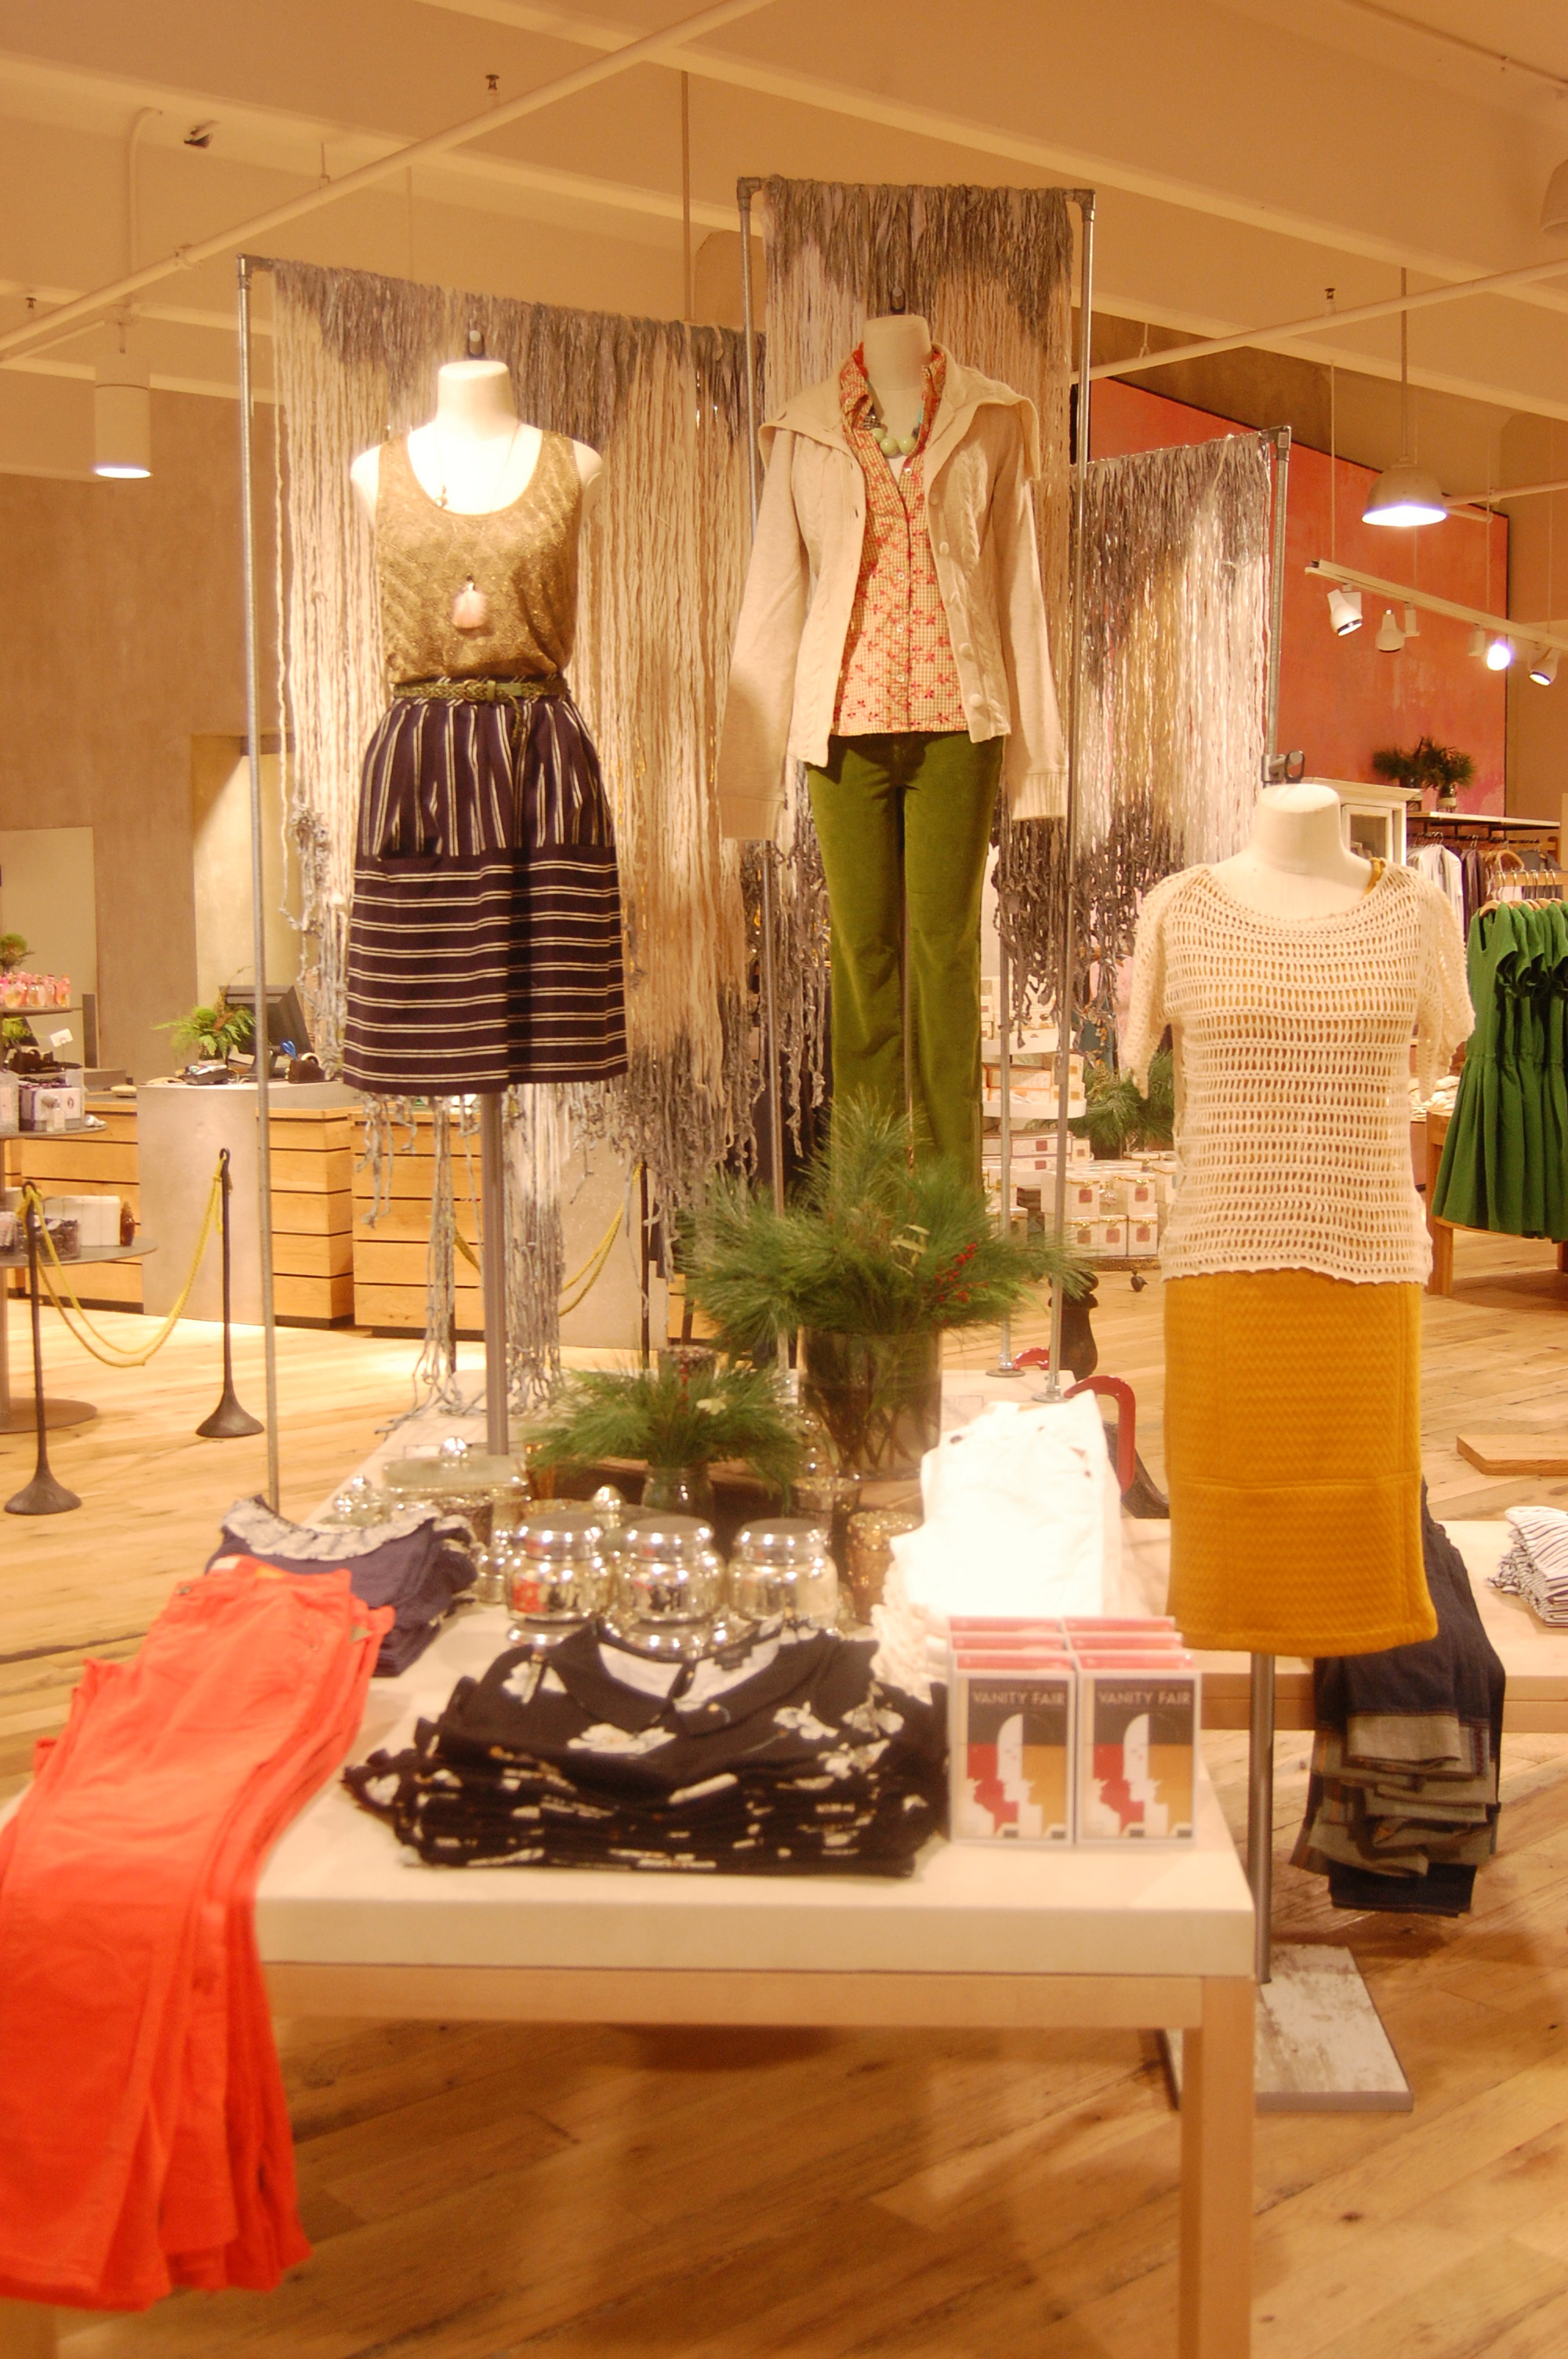 Twisted Cloth Floor Display